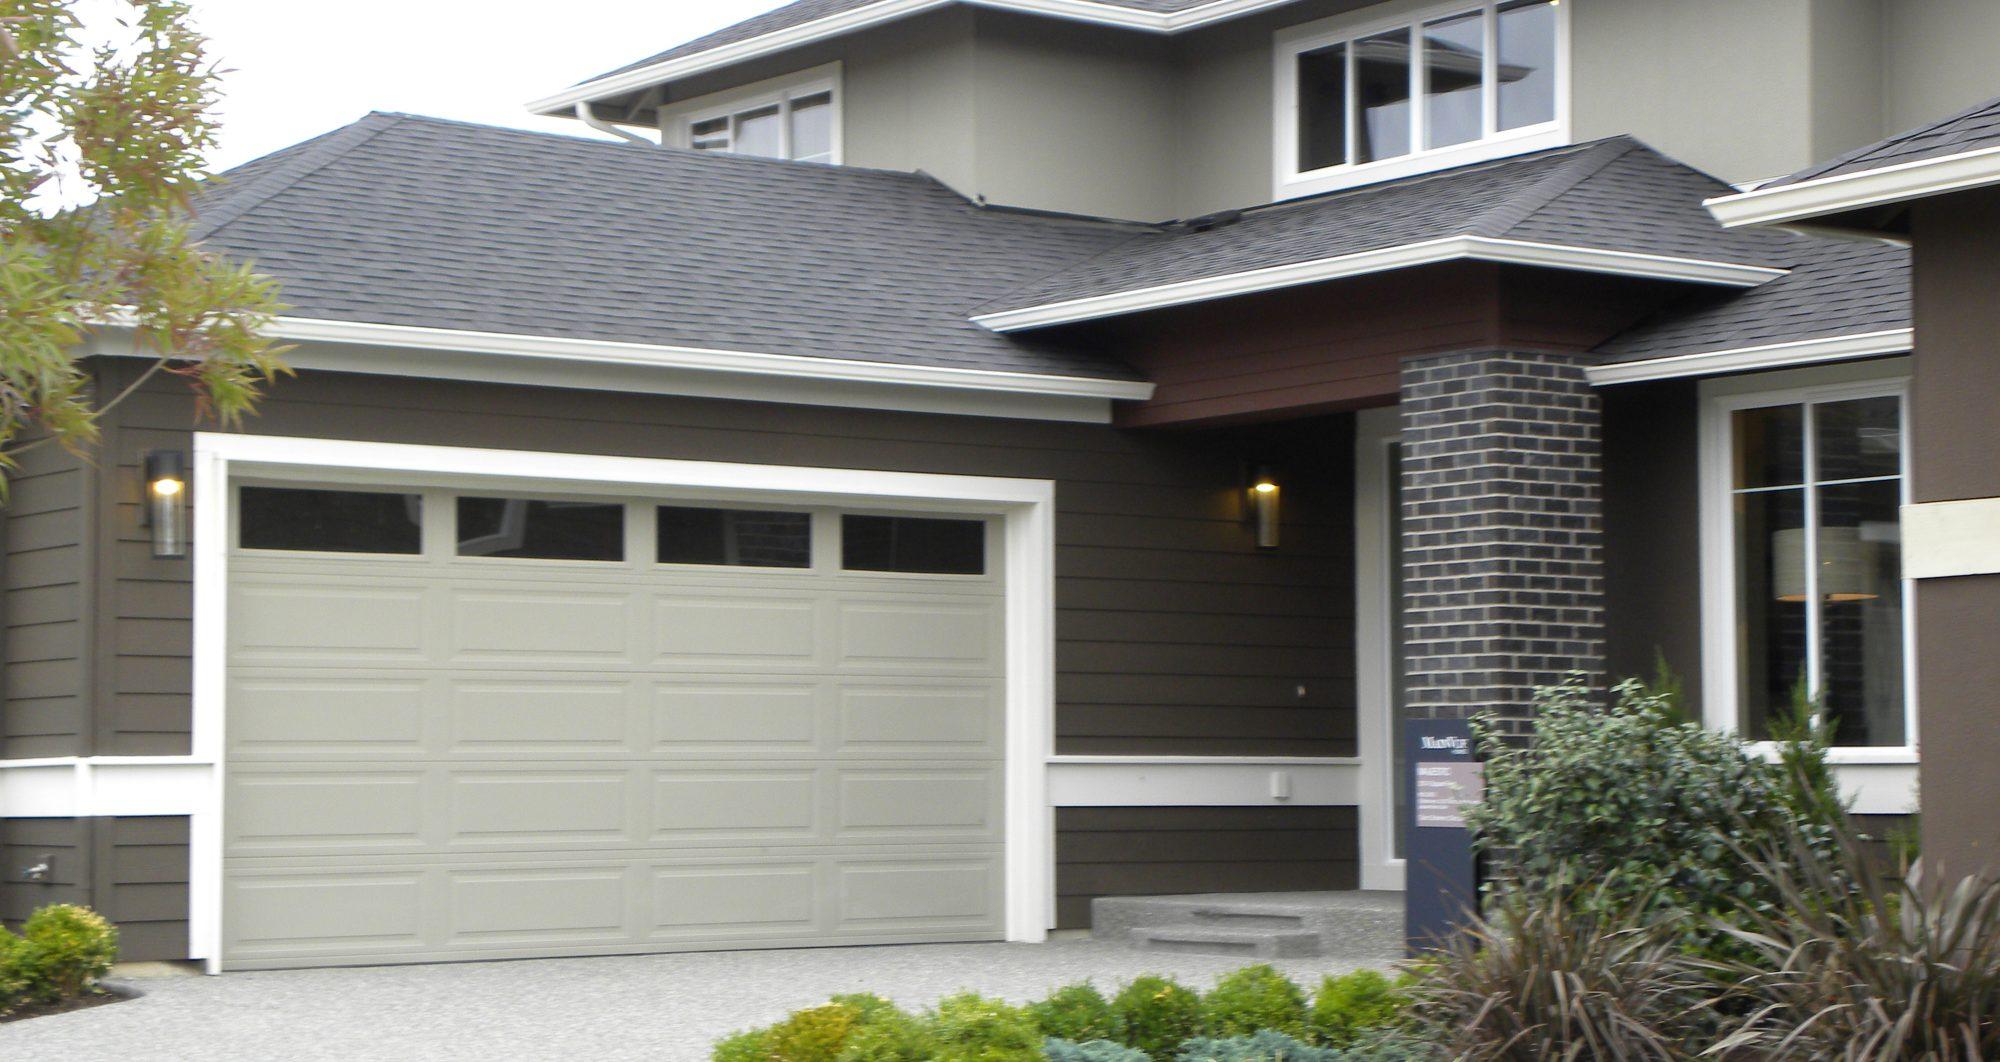 Therma tech ii northwest door for Therma door garage insulation